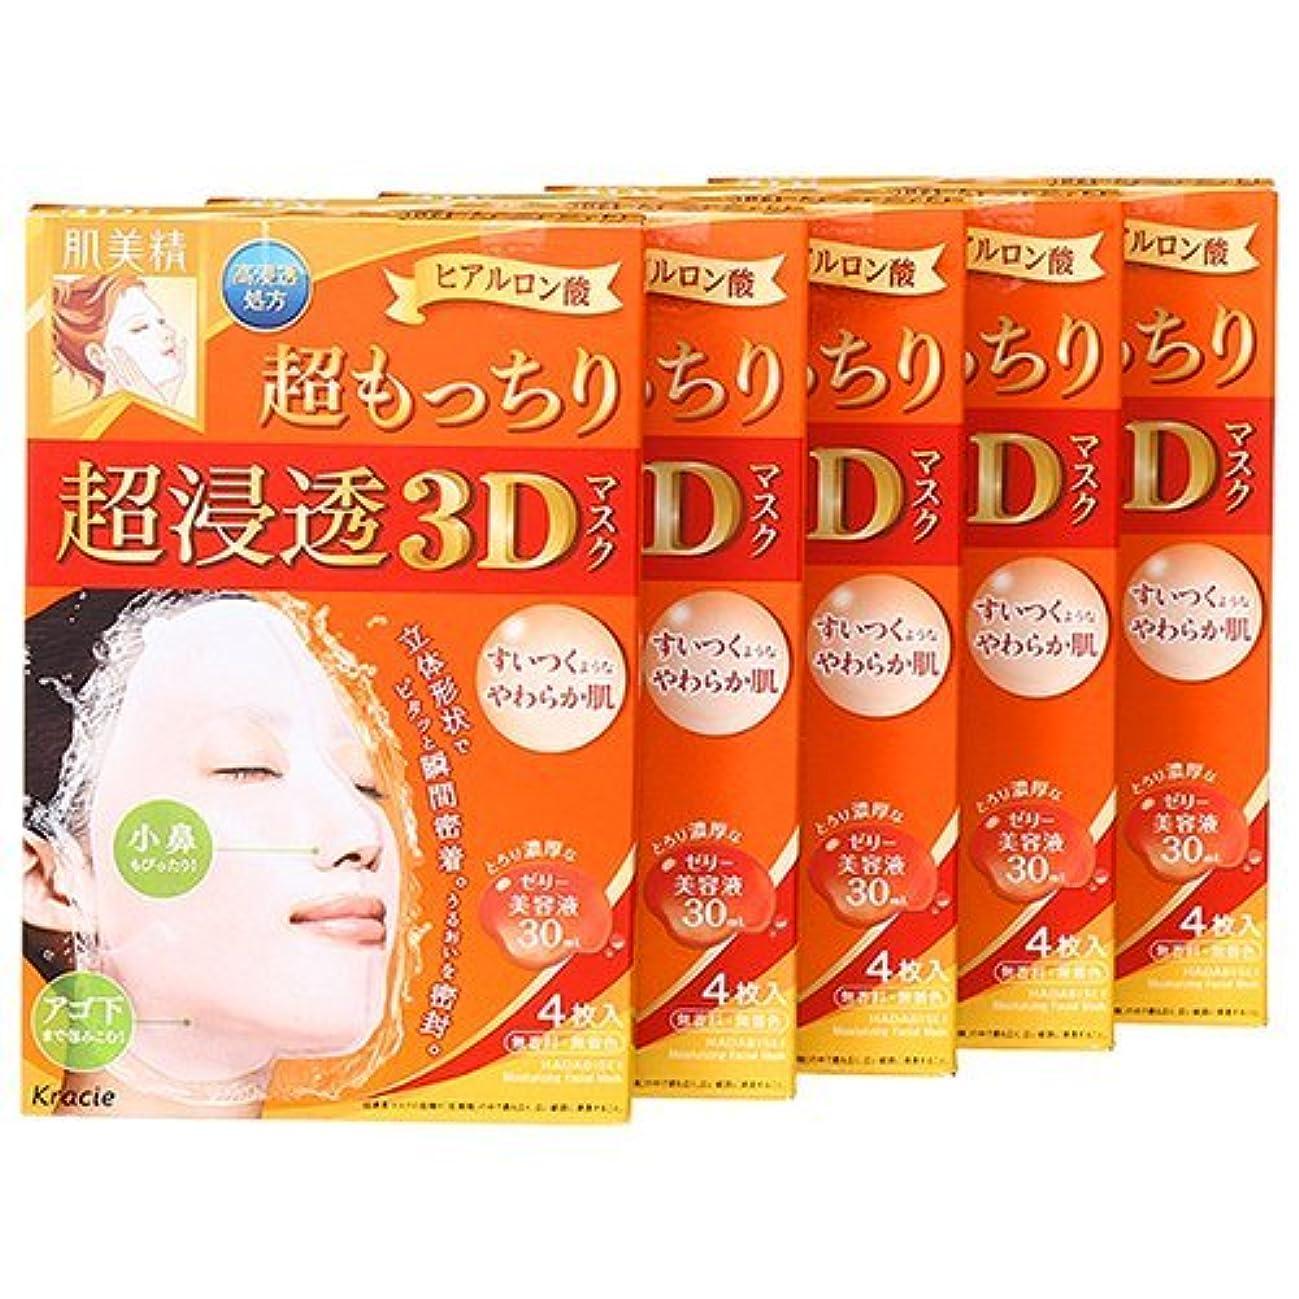 マサッチョブリッジ前投薬クラシエホームプロダクツ 肌美精 超浸透3Dマスク 超もっちり 4枚入 (美容液30mL/1枚) 5点セット [並行輸入品]